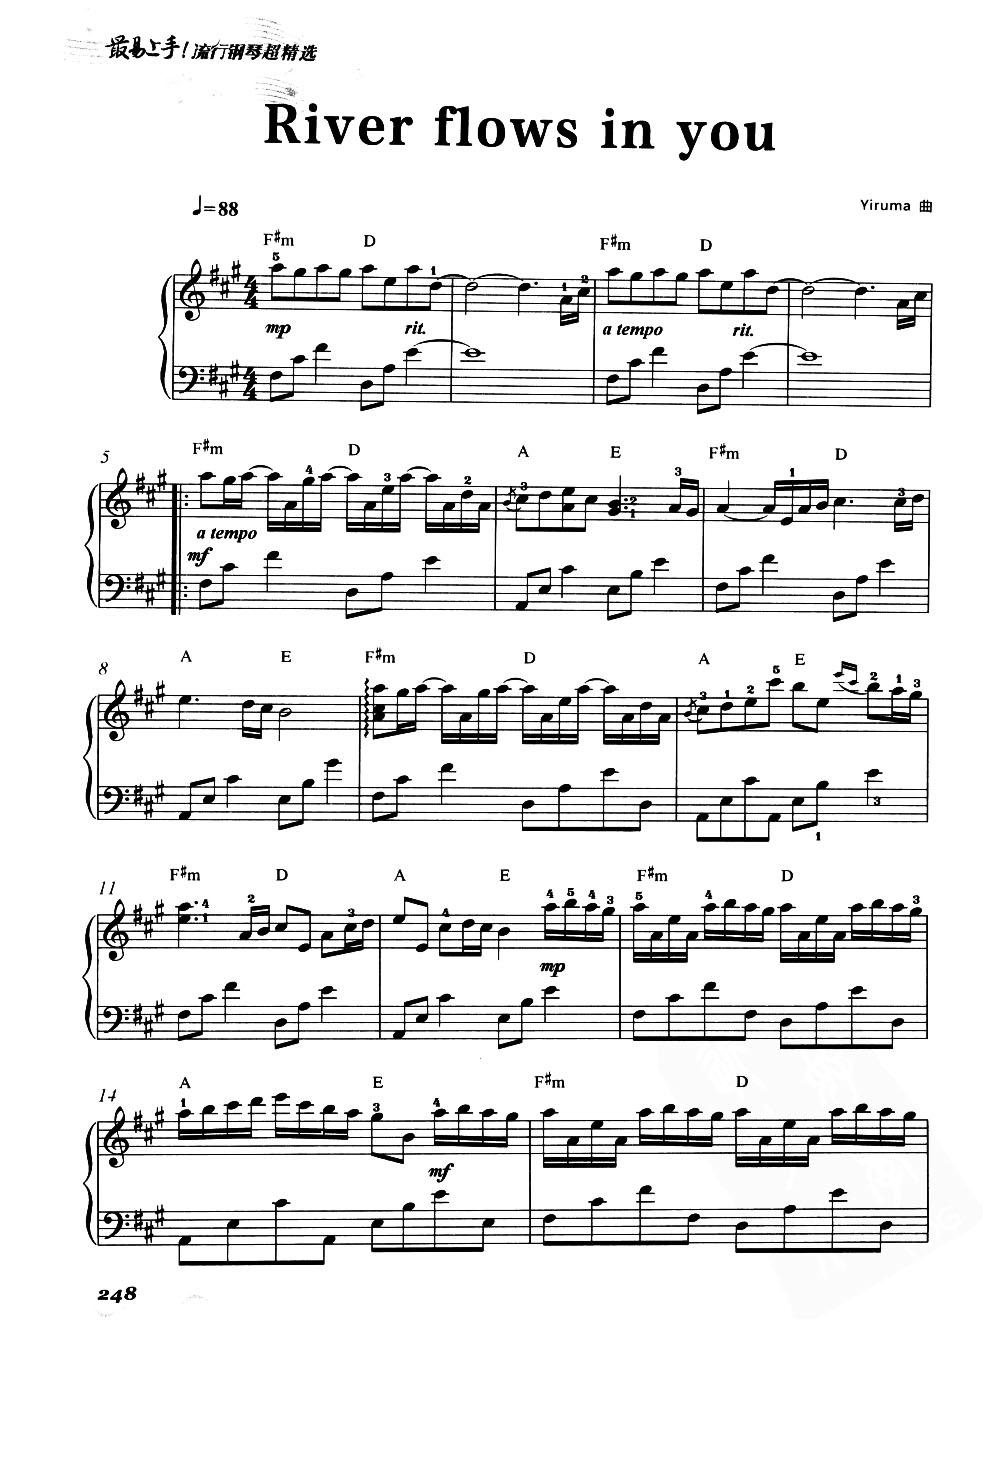 分钟前霜叶莺|八级 附件中的是《最易上手流行钢琴图片